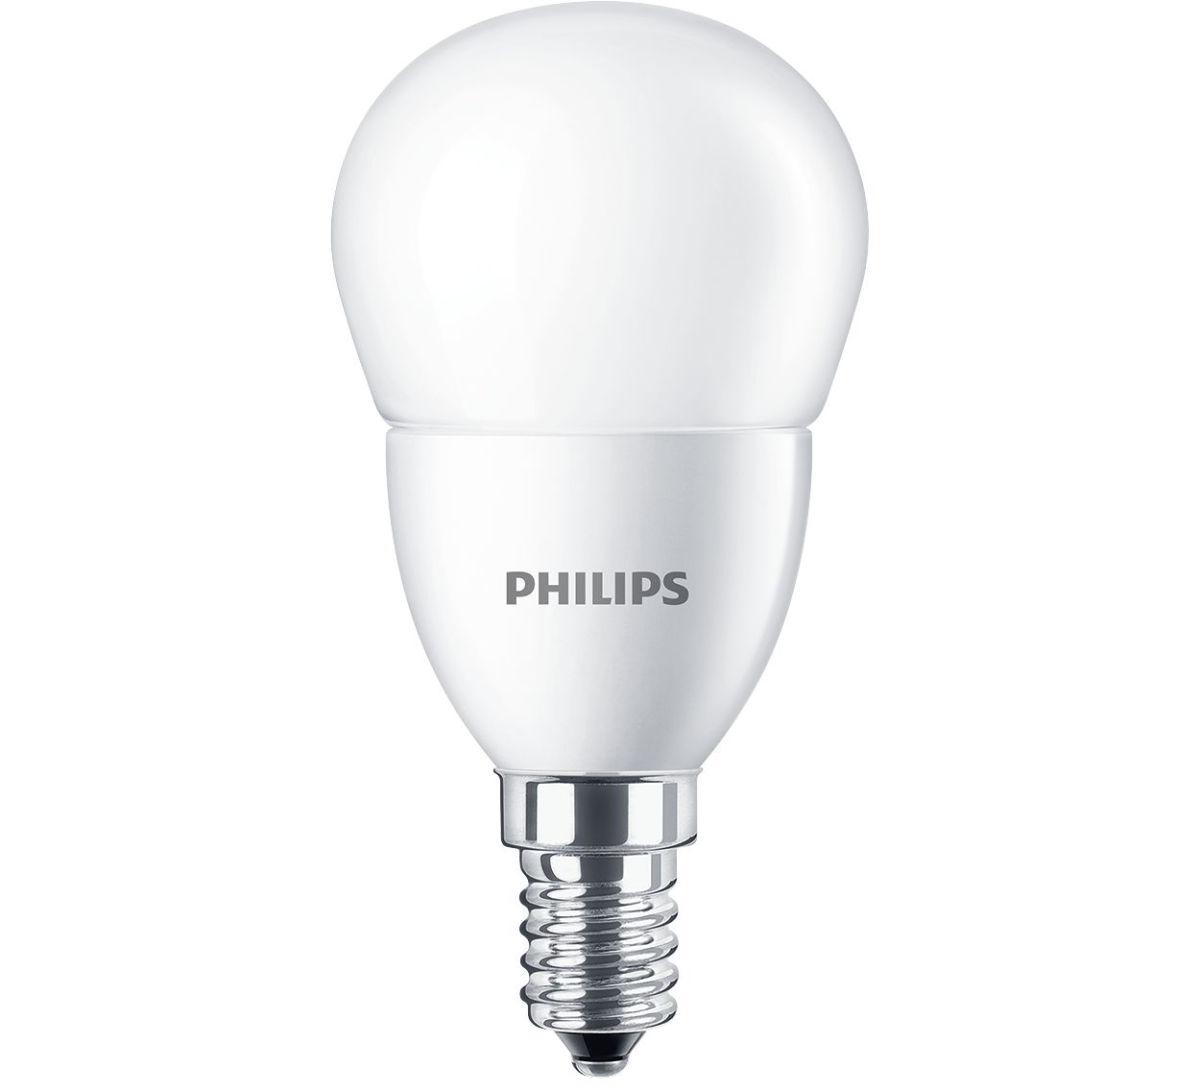 Philips corelus60840e14 lampada led sfera opale e14 7w for Lampada led e14